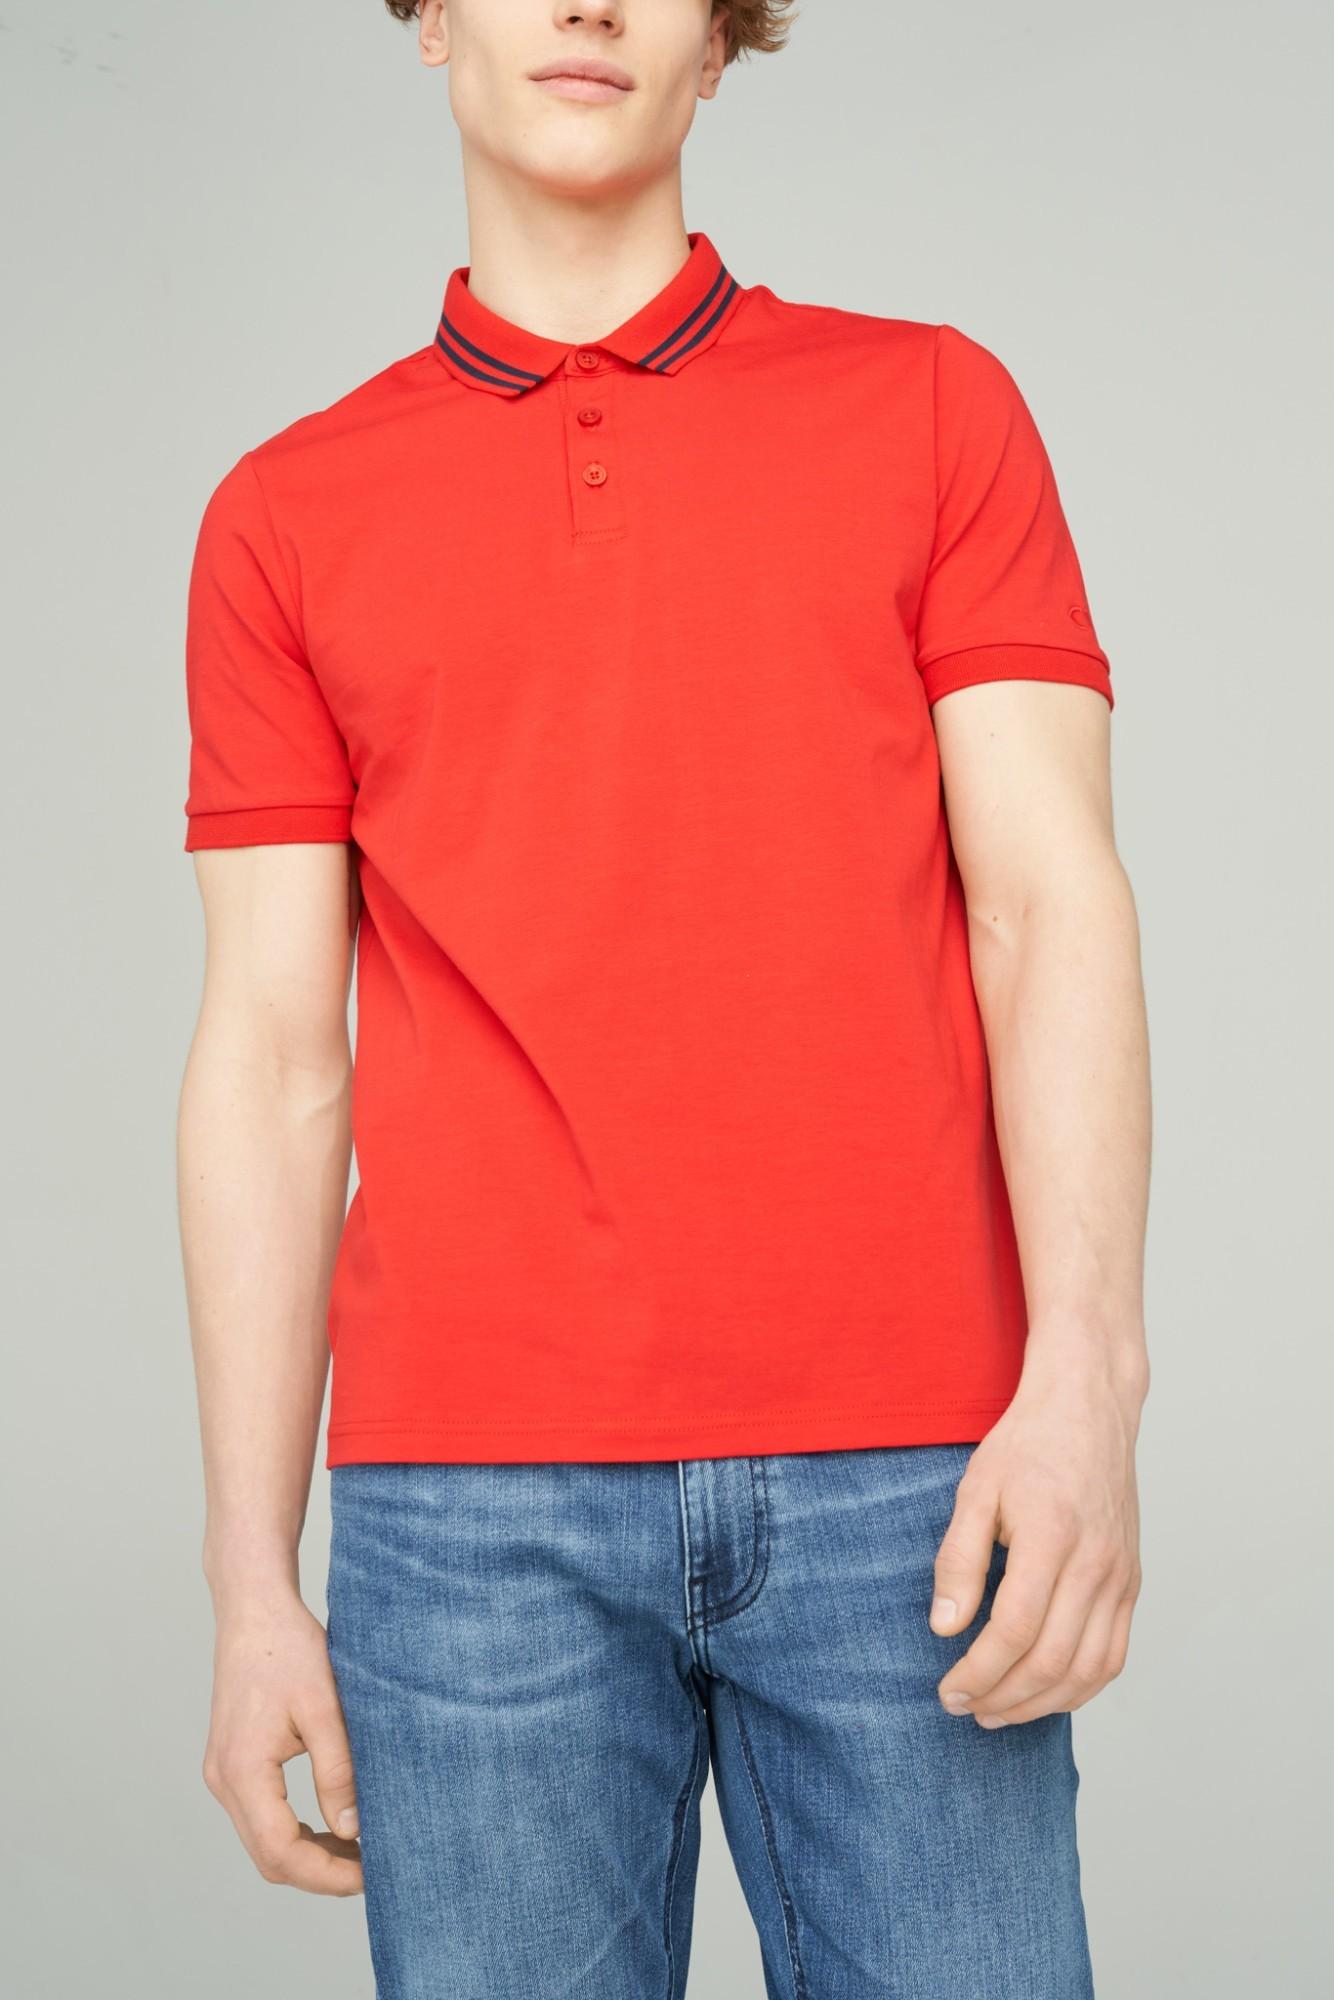 AUDIMAS Tamprūs medvil. polo marškinėliai 2111-479 High Risk Red M